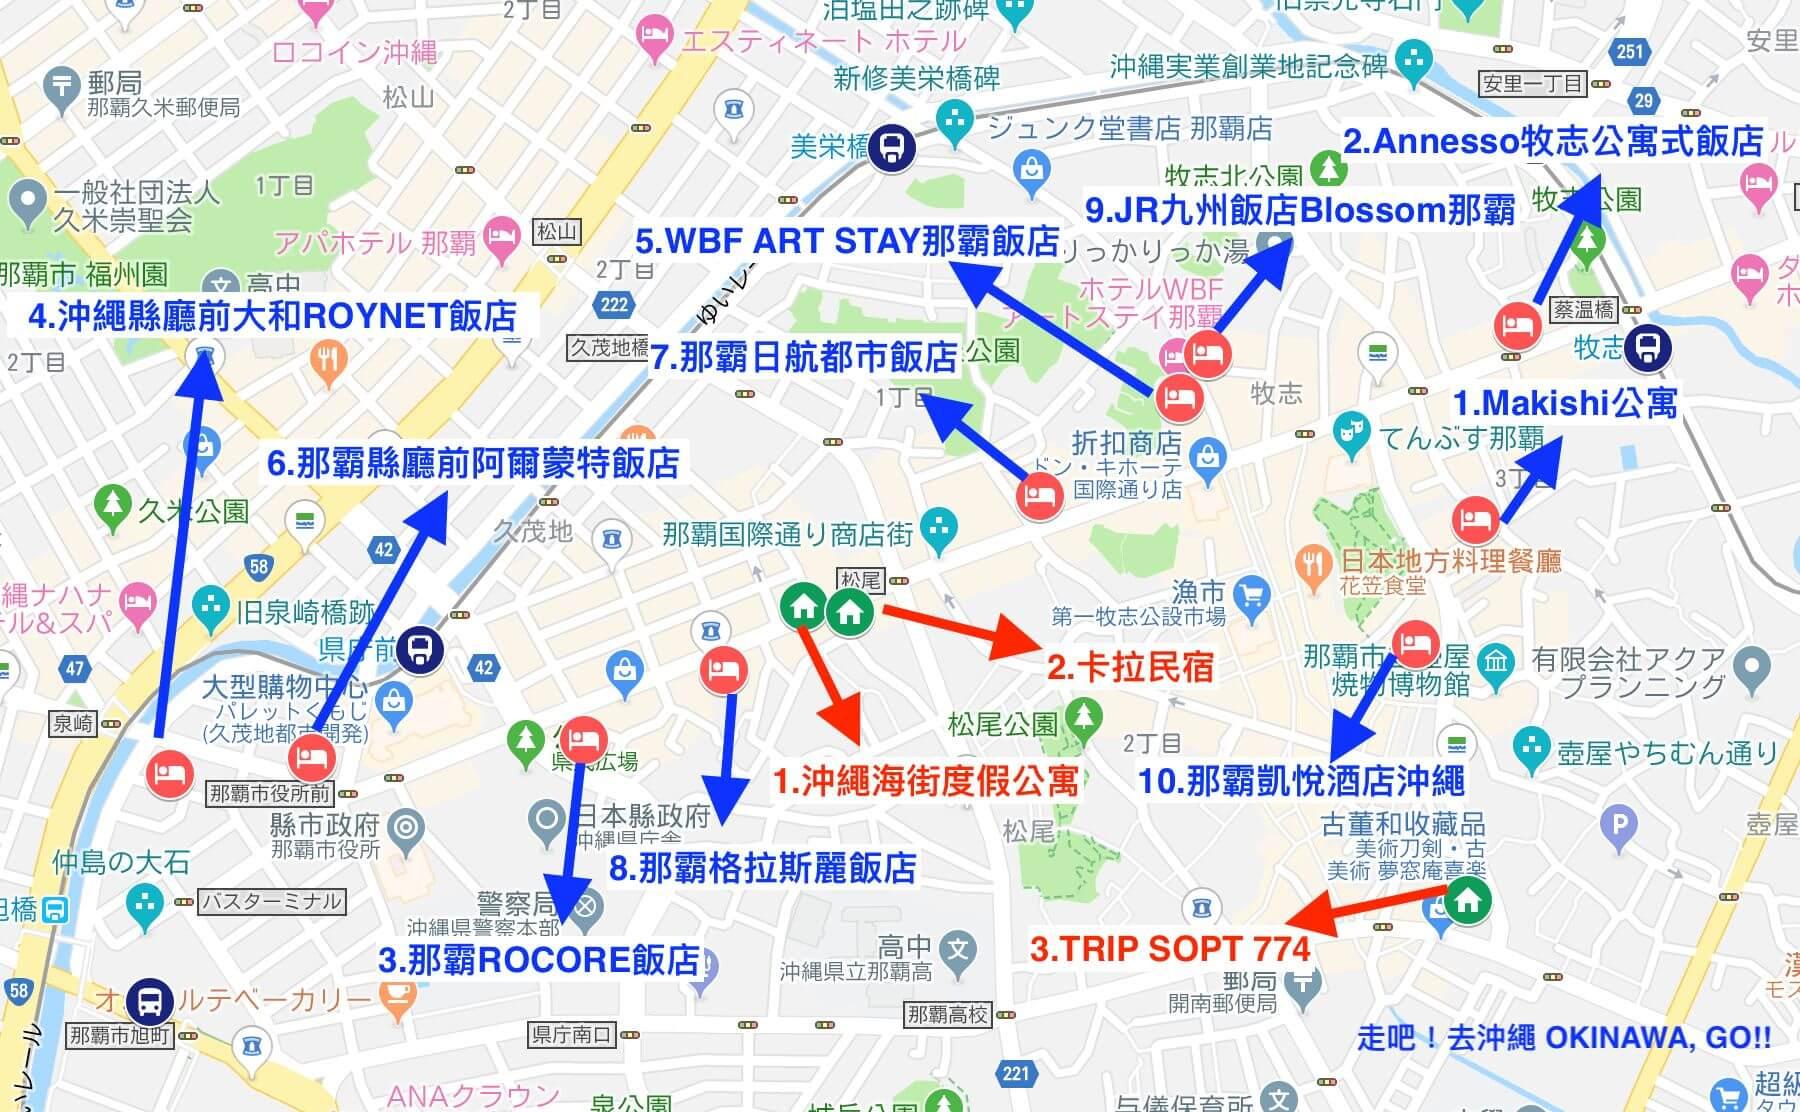 沖繩國際通住宿地圖